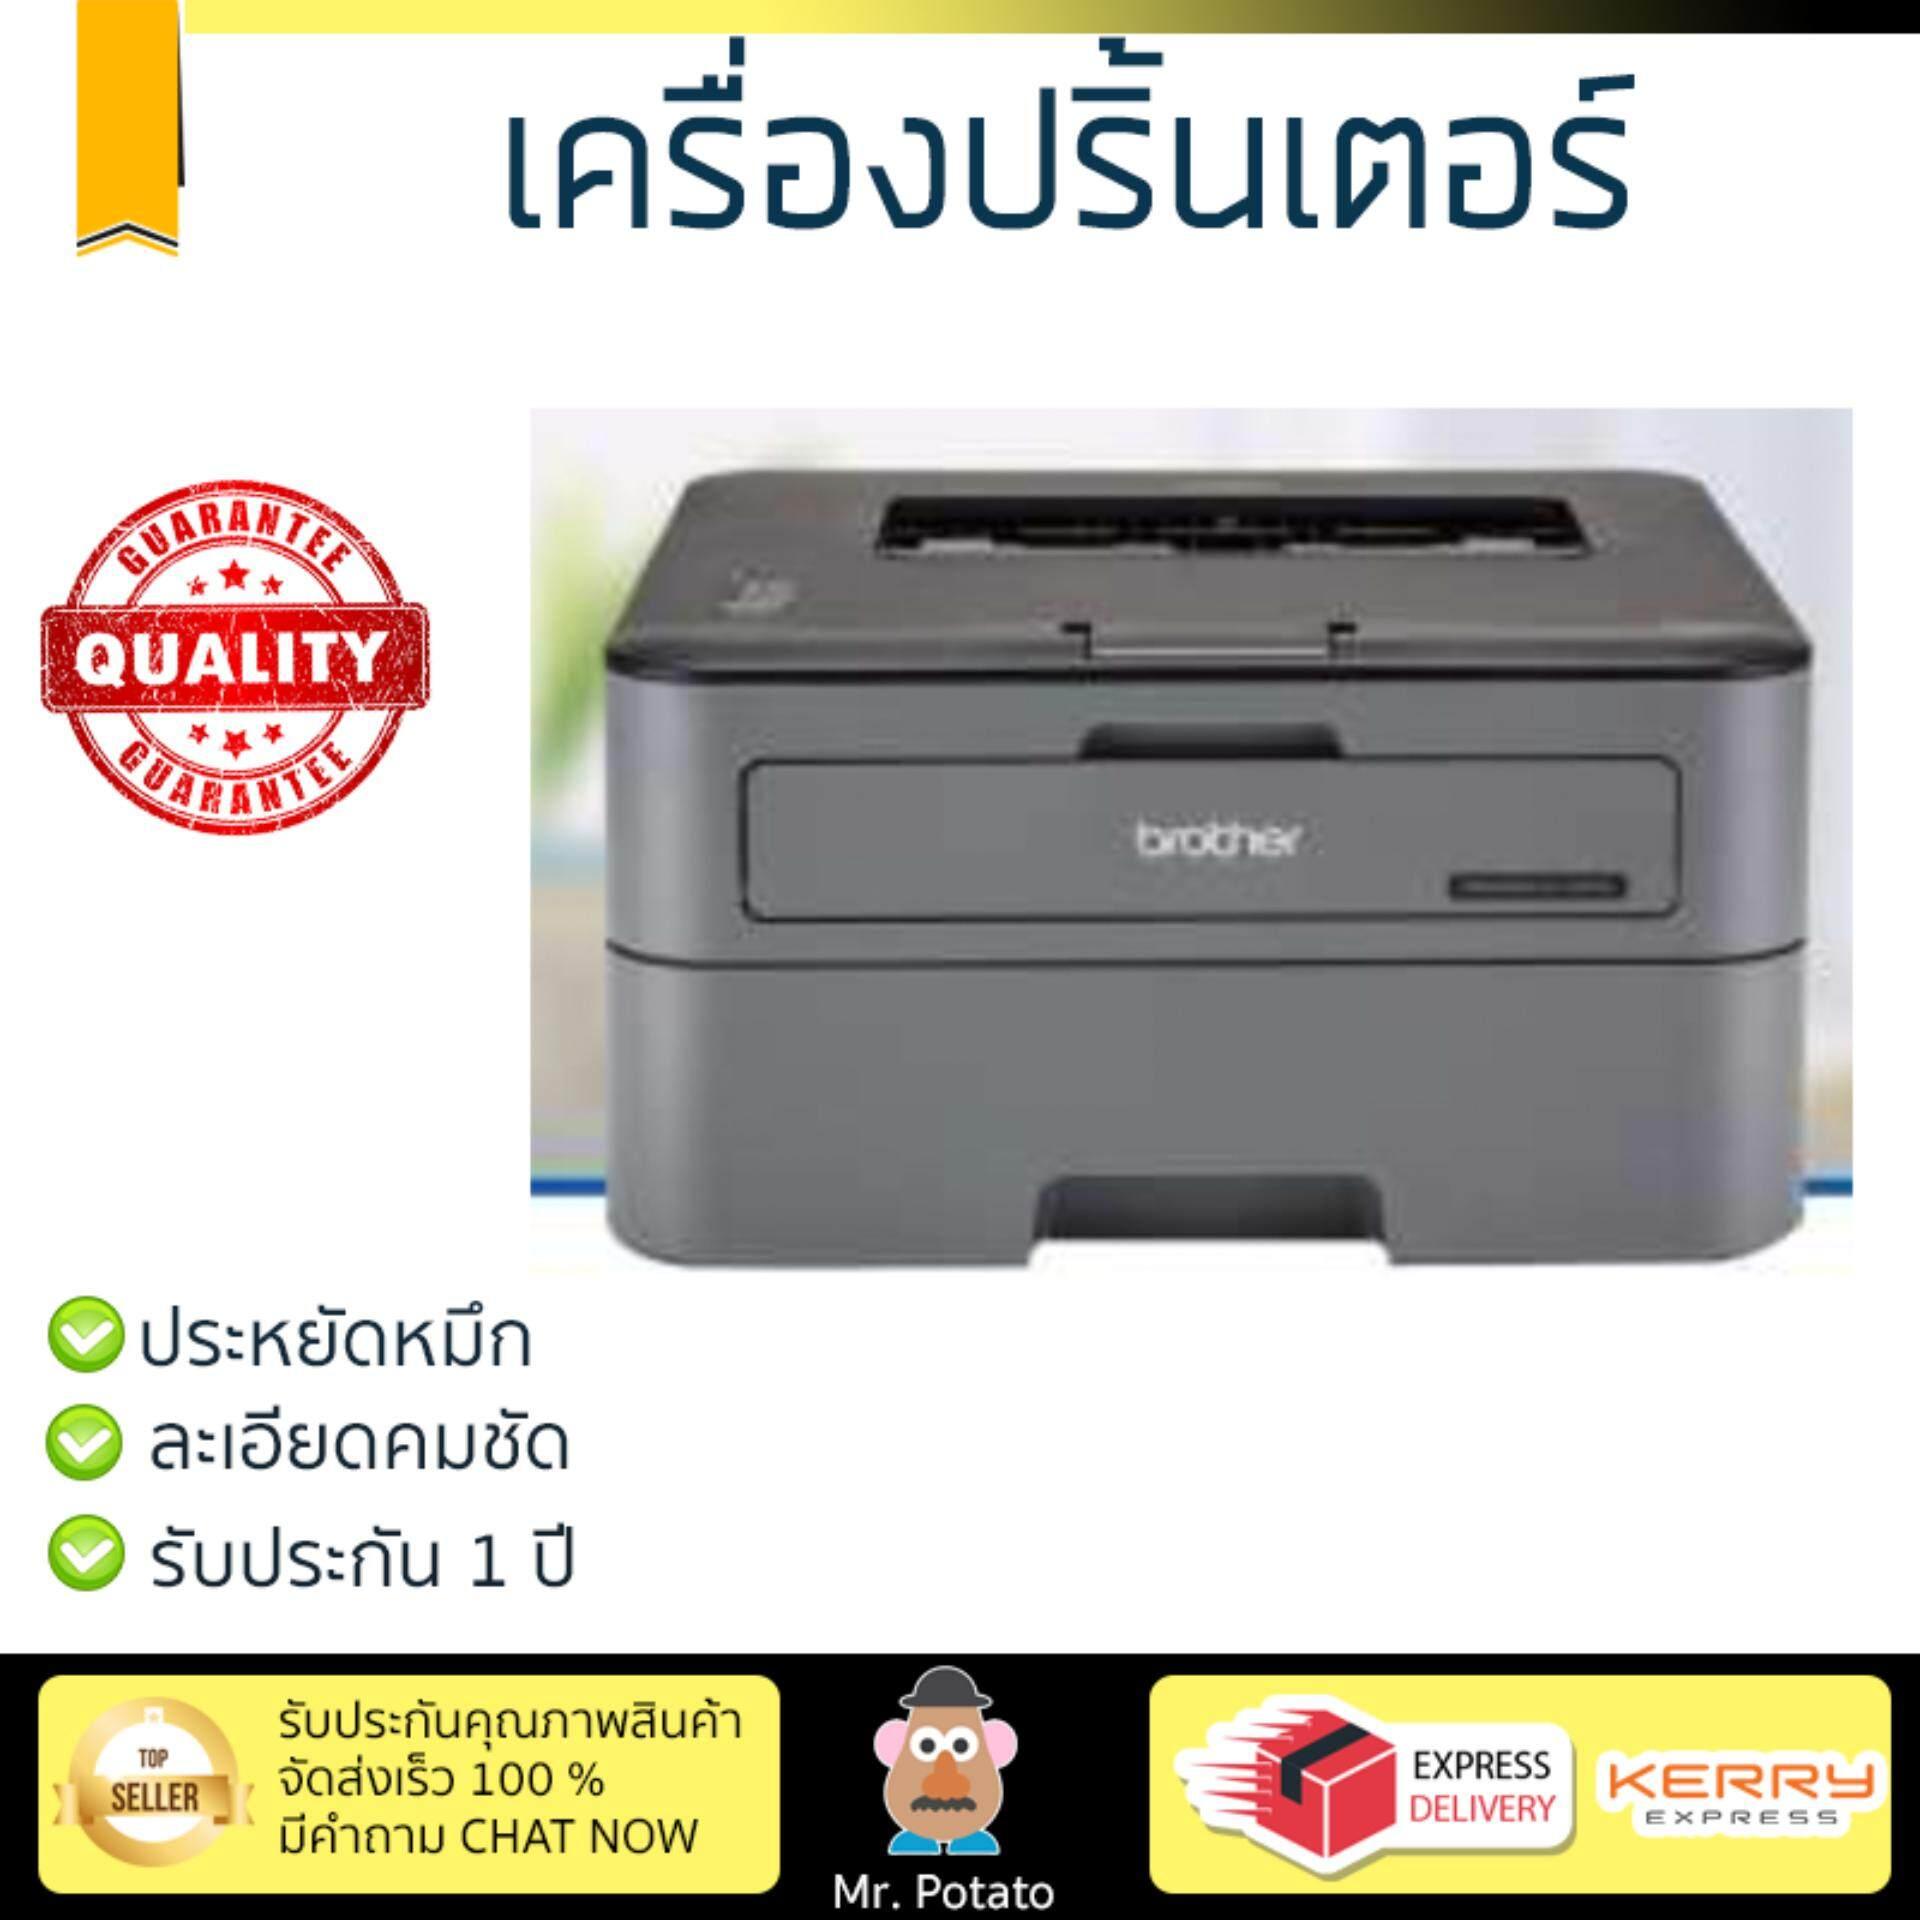 ขายดีมาก! โปรโมชัน เครื่องพิมพ์เลเซอร์           BROTHER ปริ้นเตอร์ Brother รุ่น LASER HL-L2320D             ความละเอียดสูง คมชัด พิมพ์ได้รวดเร็ว เครื่องปริ้น เครื่องปริ้นท์ Laser Printer รับประกันสิน